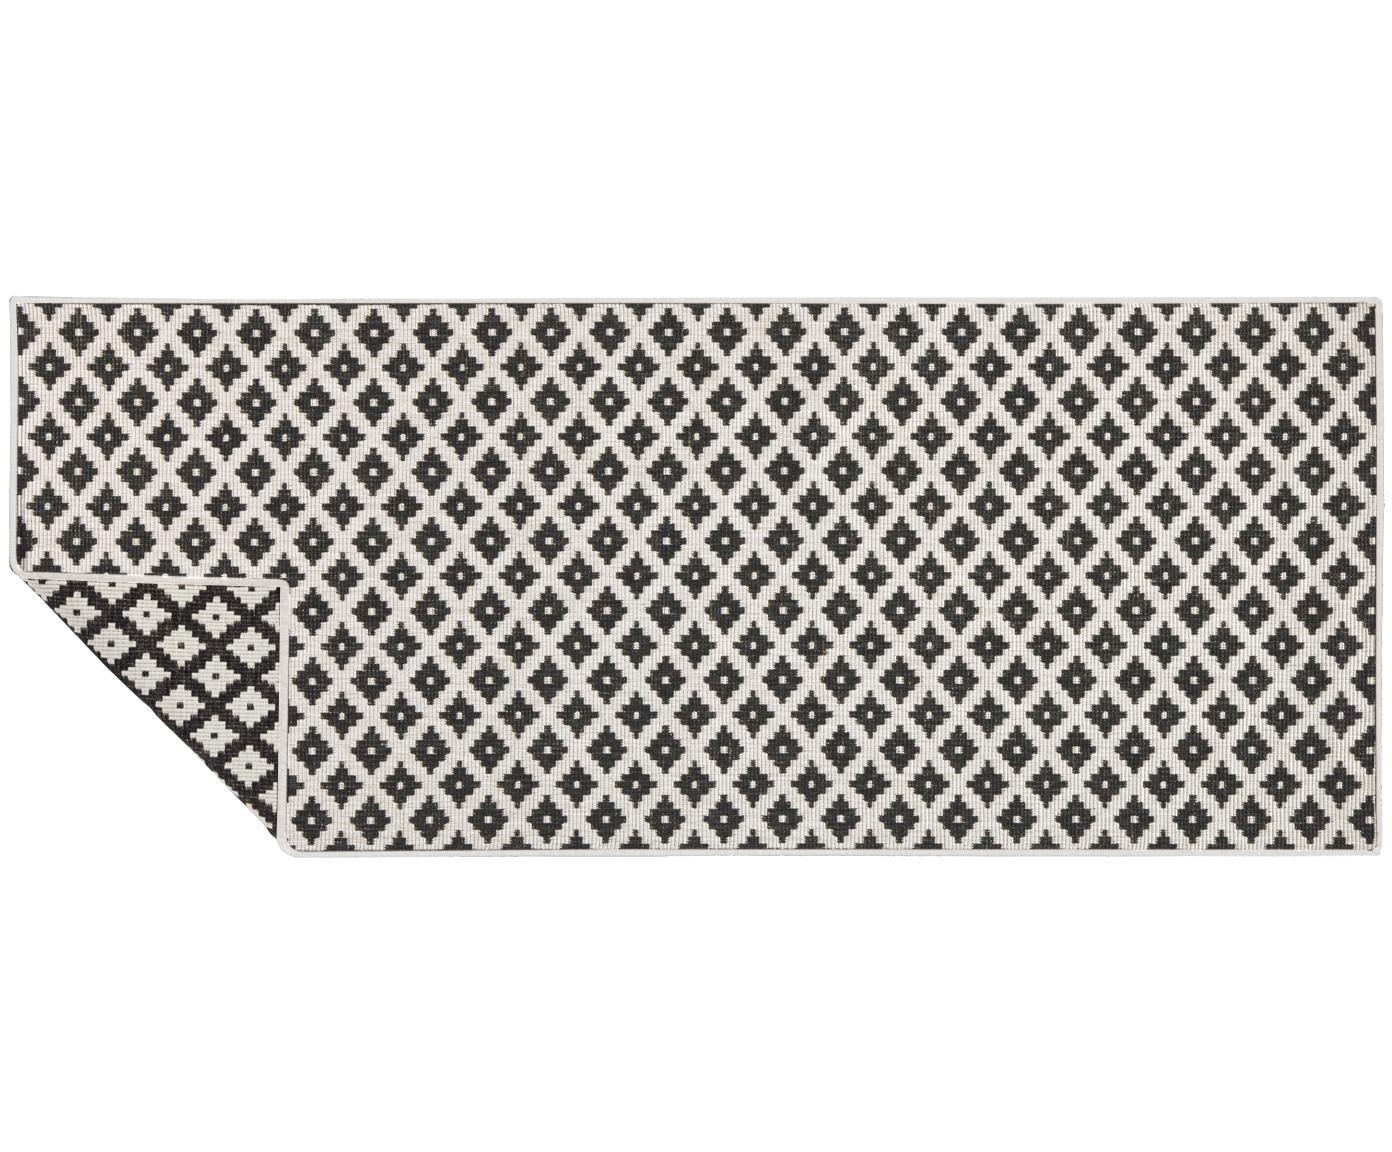 Dwustronny chodnik wewnętrzny/zewnętrzny Nizza, Czarny, odcienie kremowego, S 80 x D 250 cm